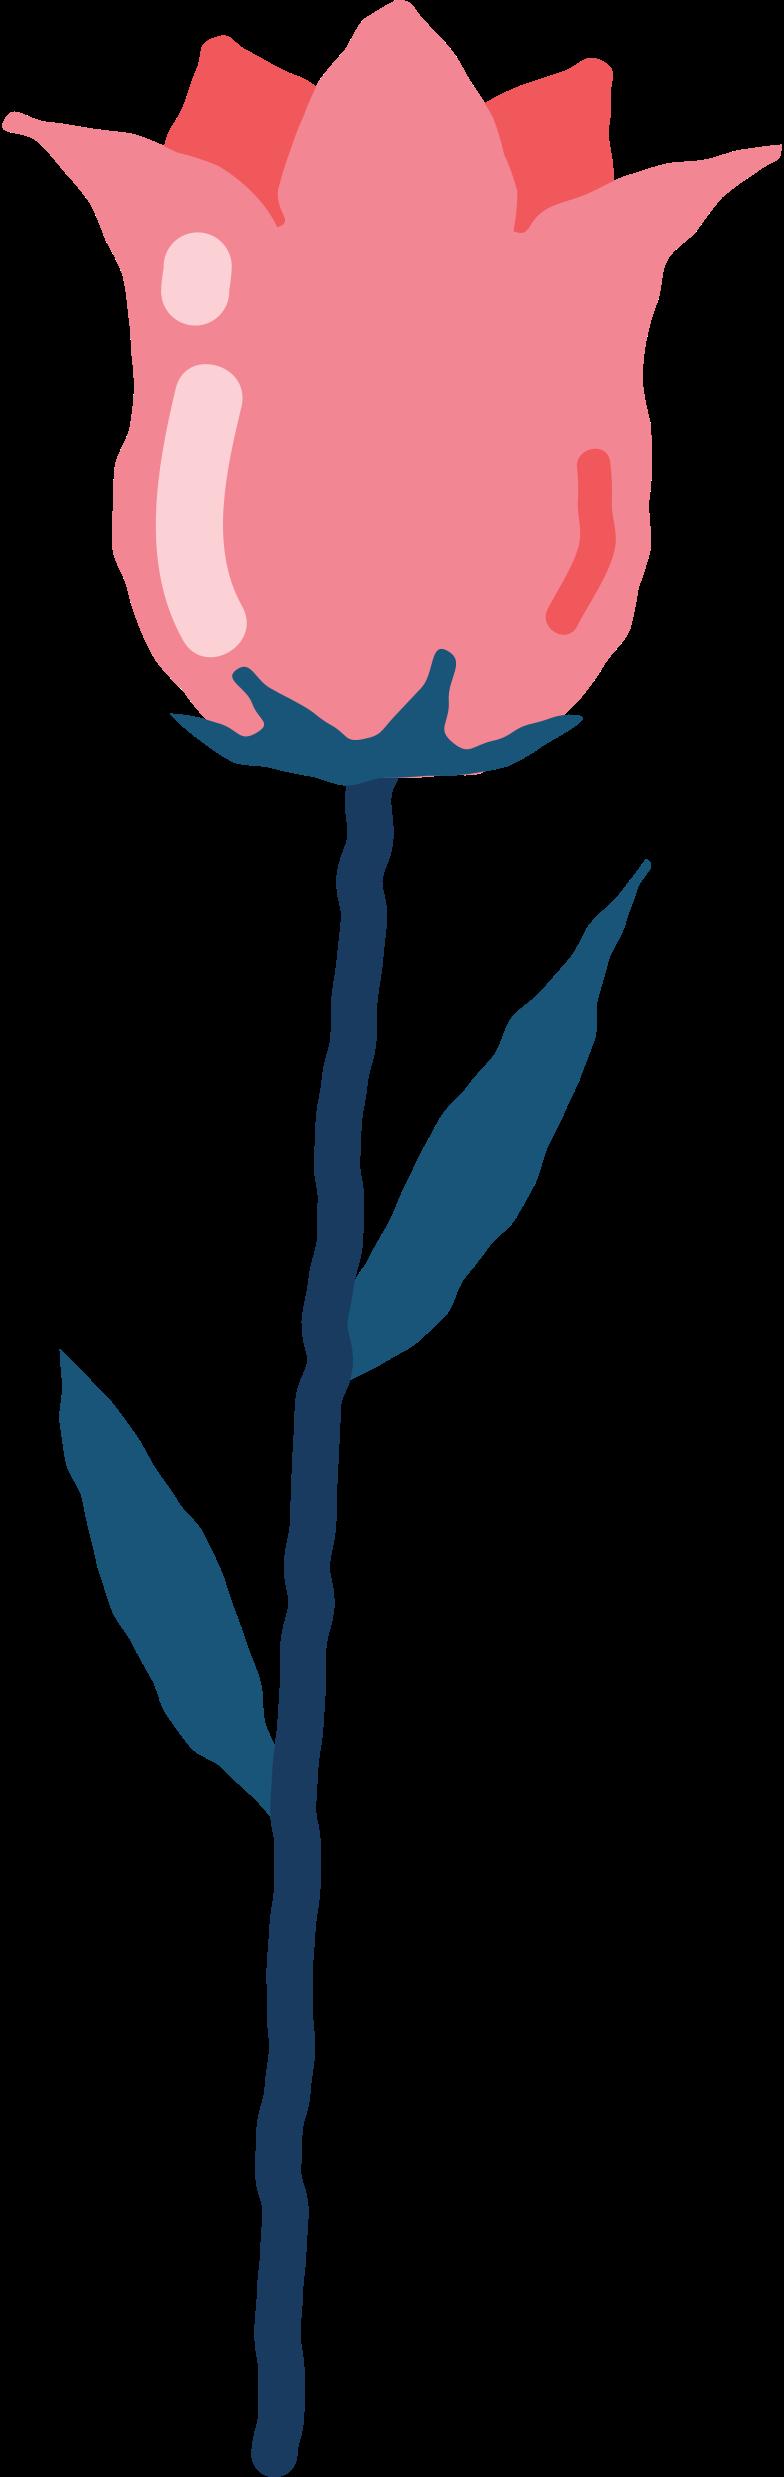 Immagine Vettoriale campanula in PNG e SVG in stile  | Illustrazioni Icons8